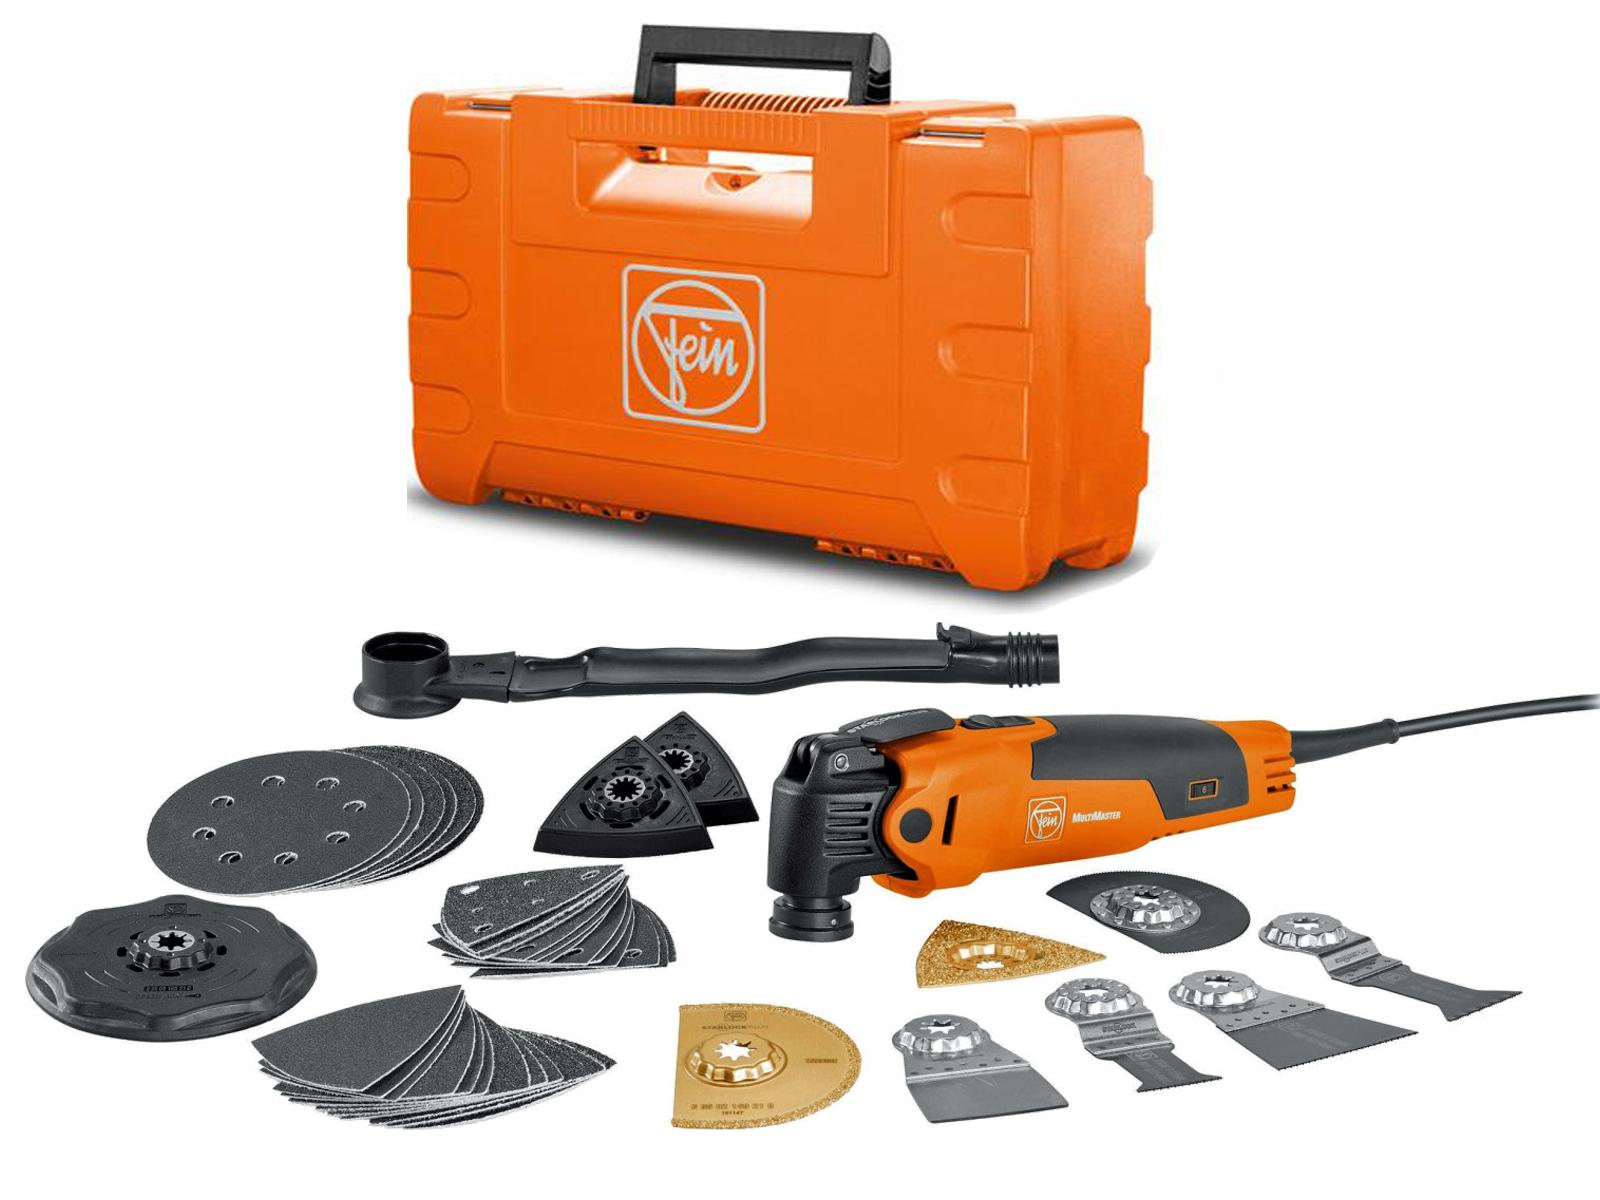 Fein MultiMaster FMM 350 QSL Top Multifunktionswerkzeug mit 30€ Cashback